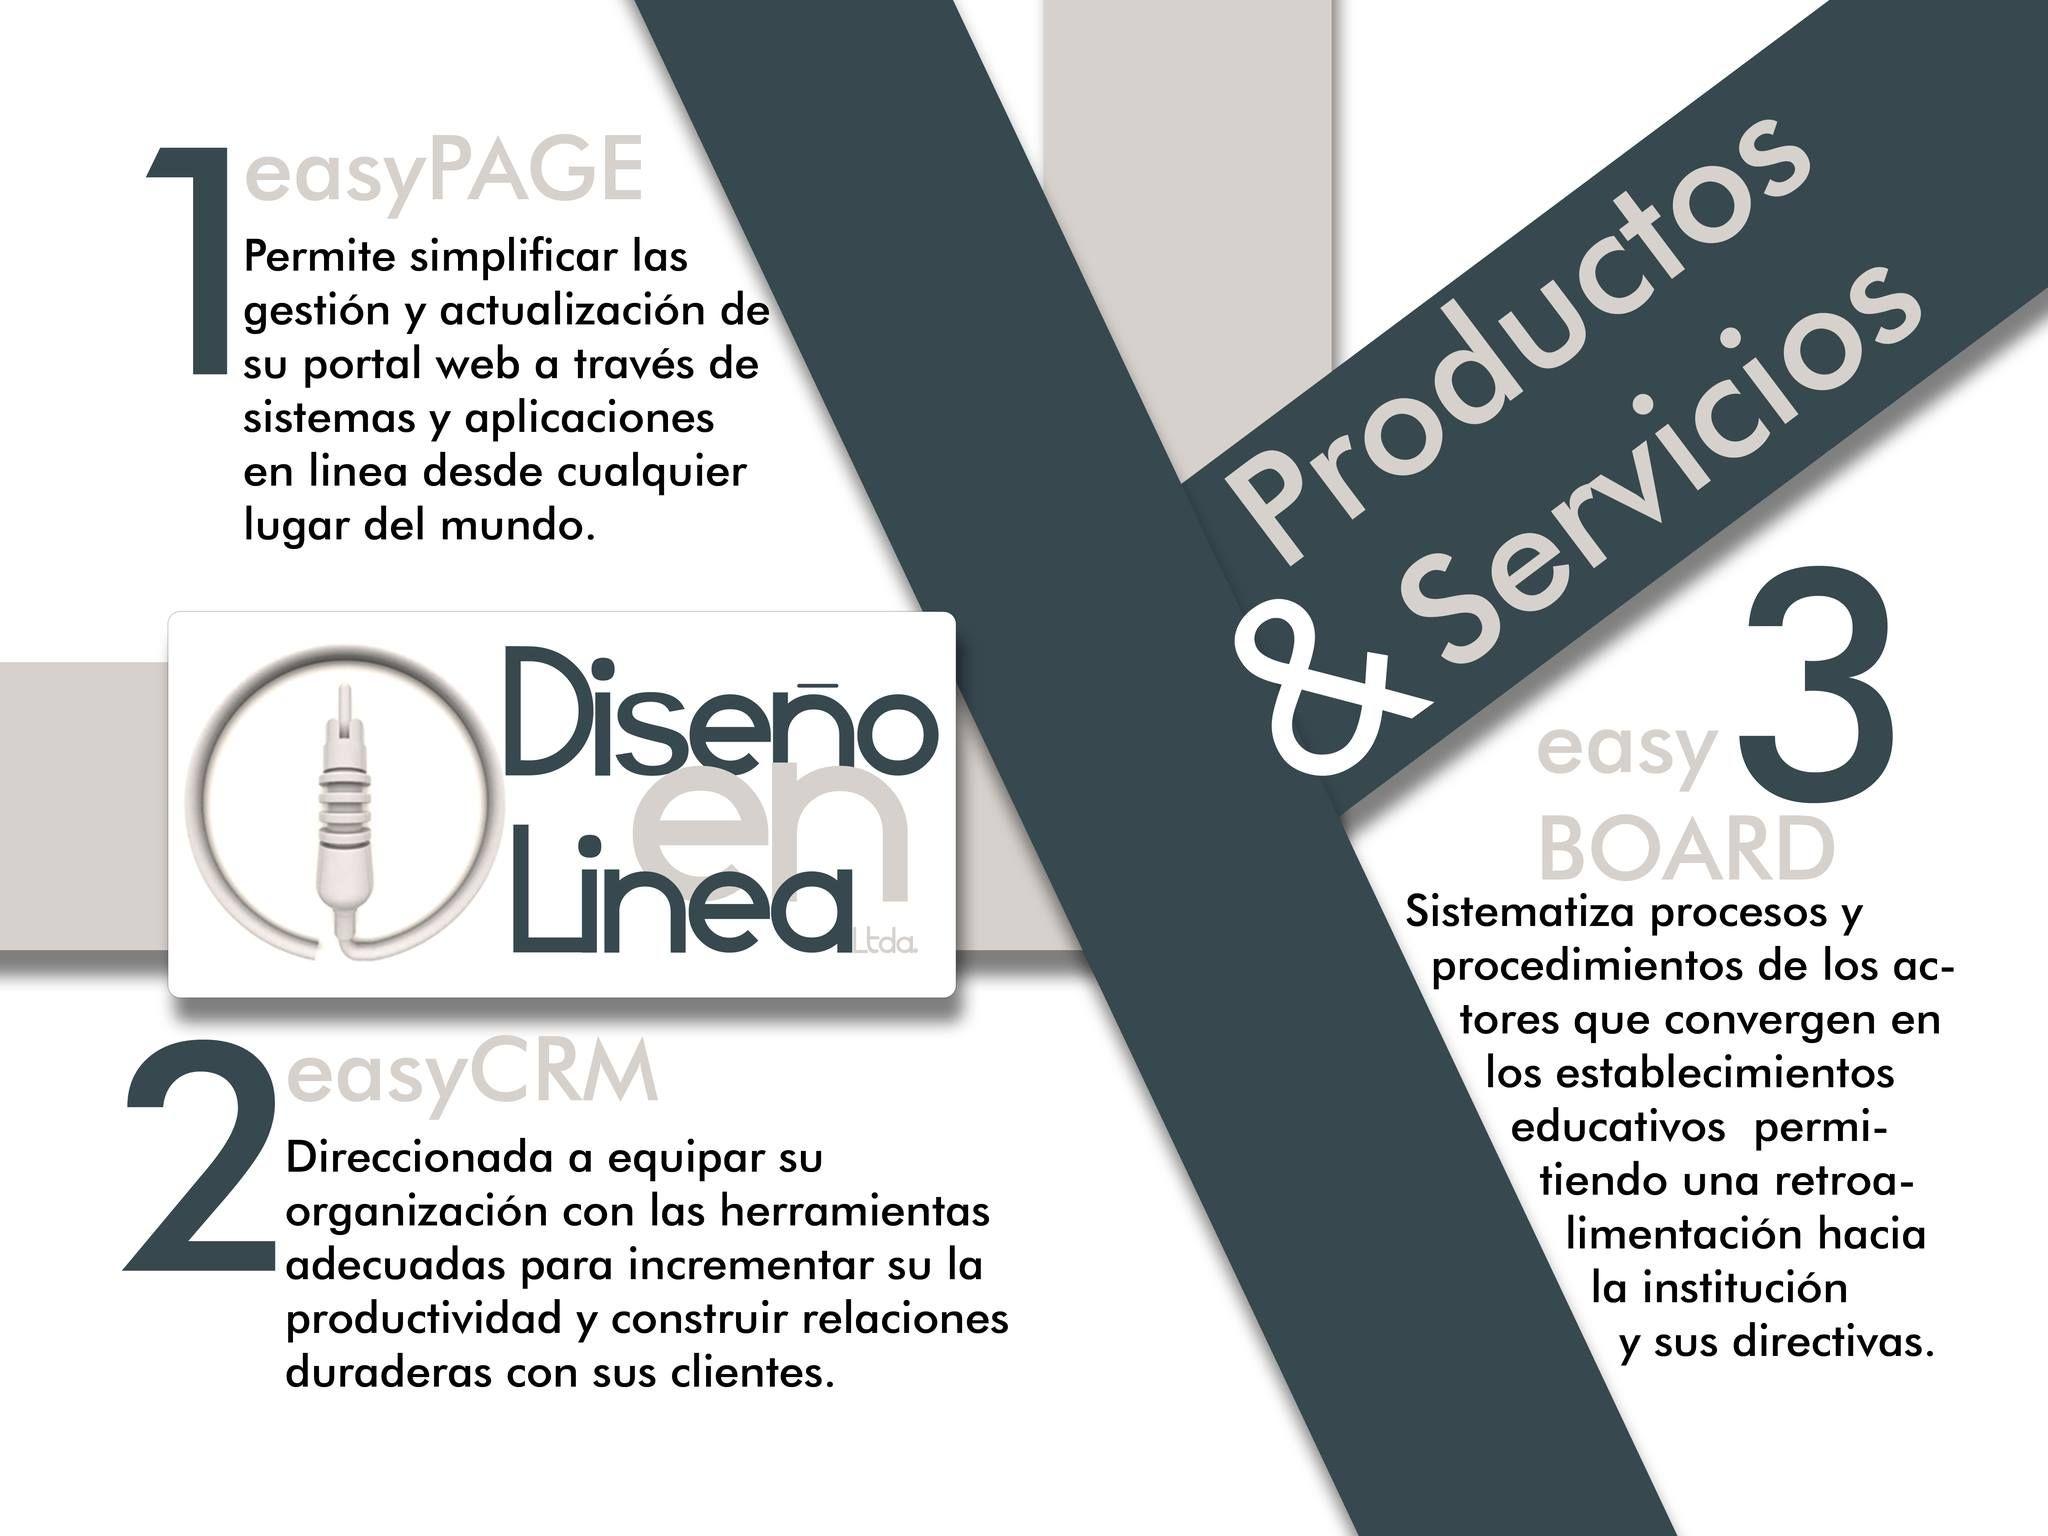 Conoce un poco más de nuestros productos y/o Servicios. #PáginaWeb #DesarrolloWeb #DiseñoWeb #SaaS #easyPage #easyBoard #ecommerce